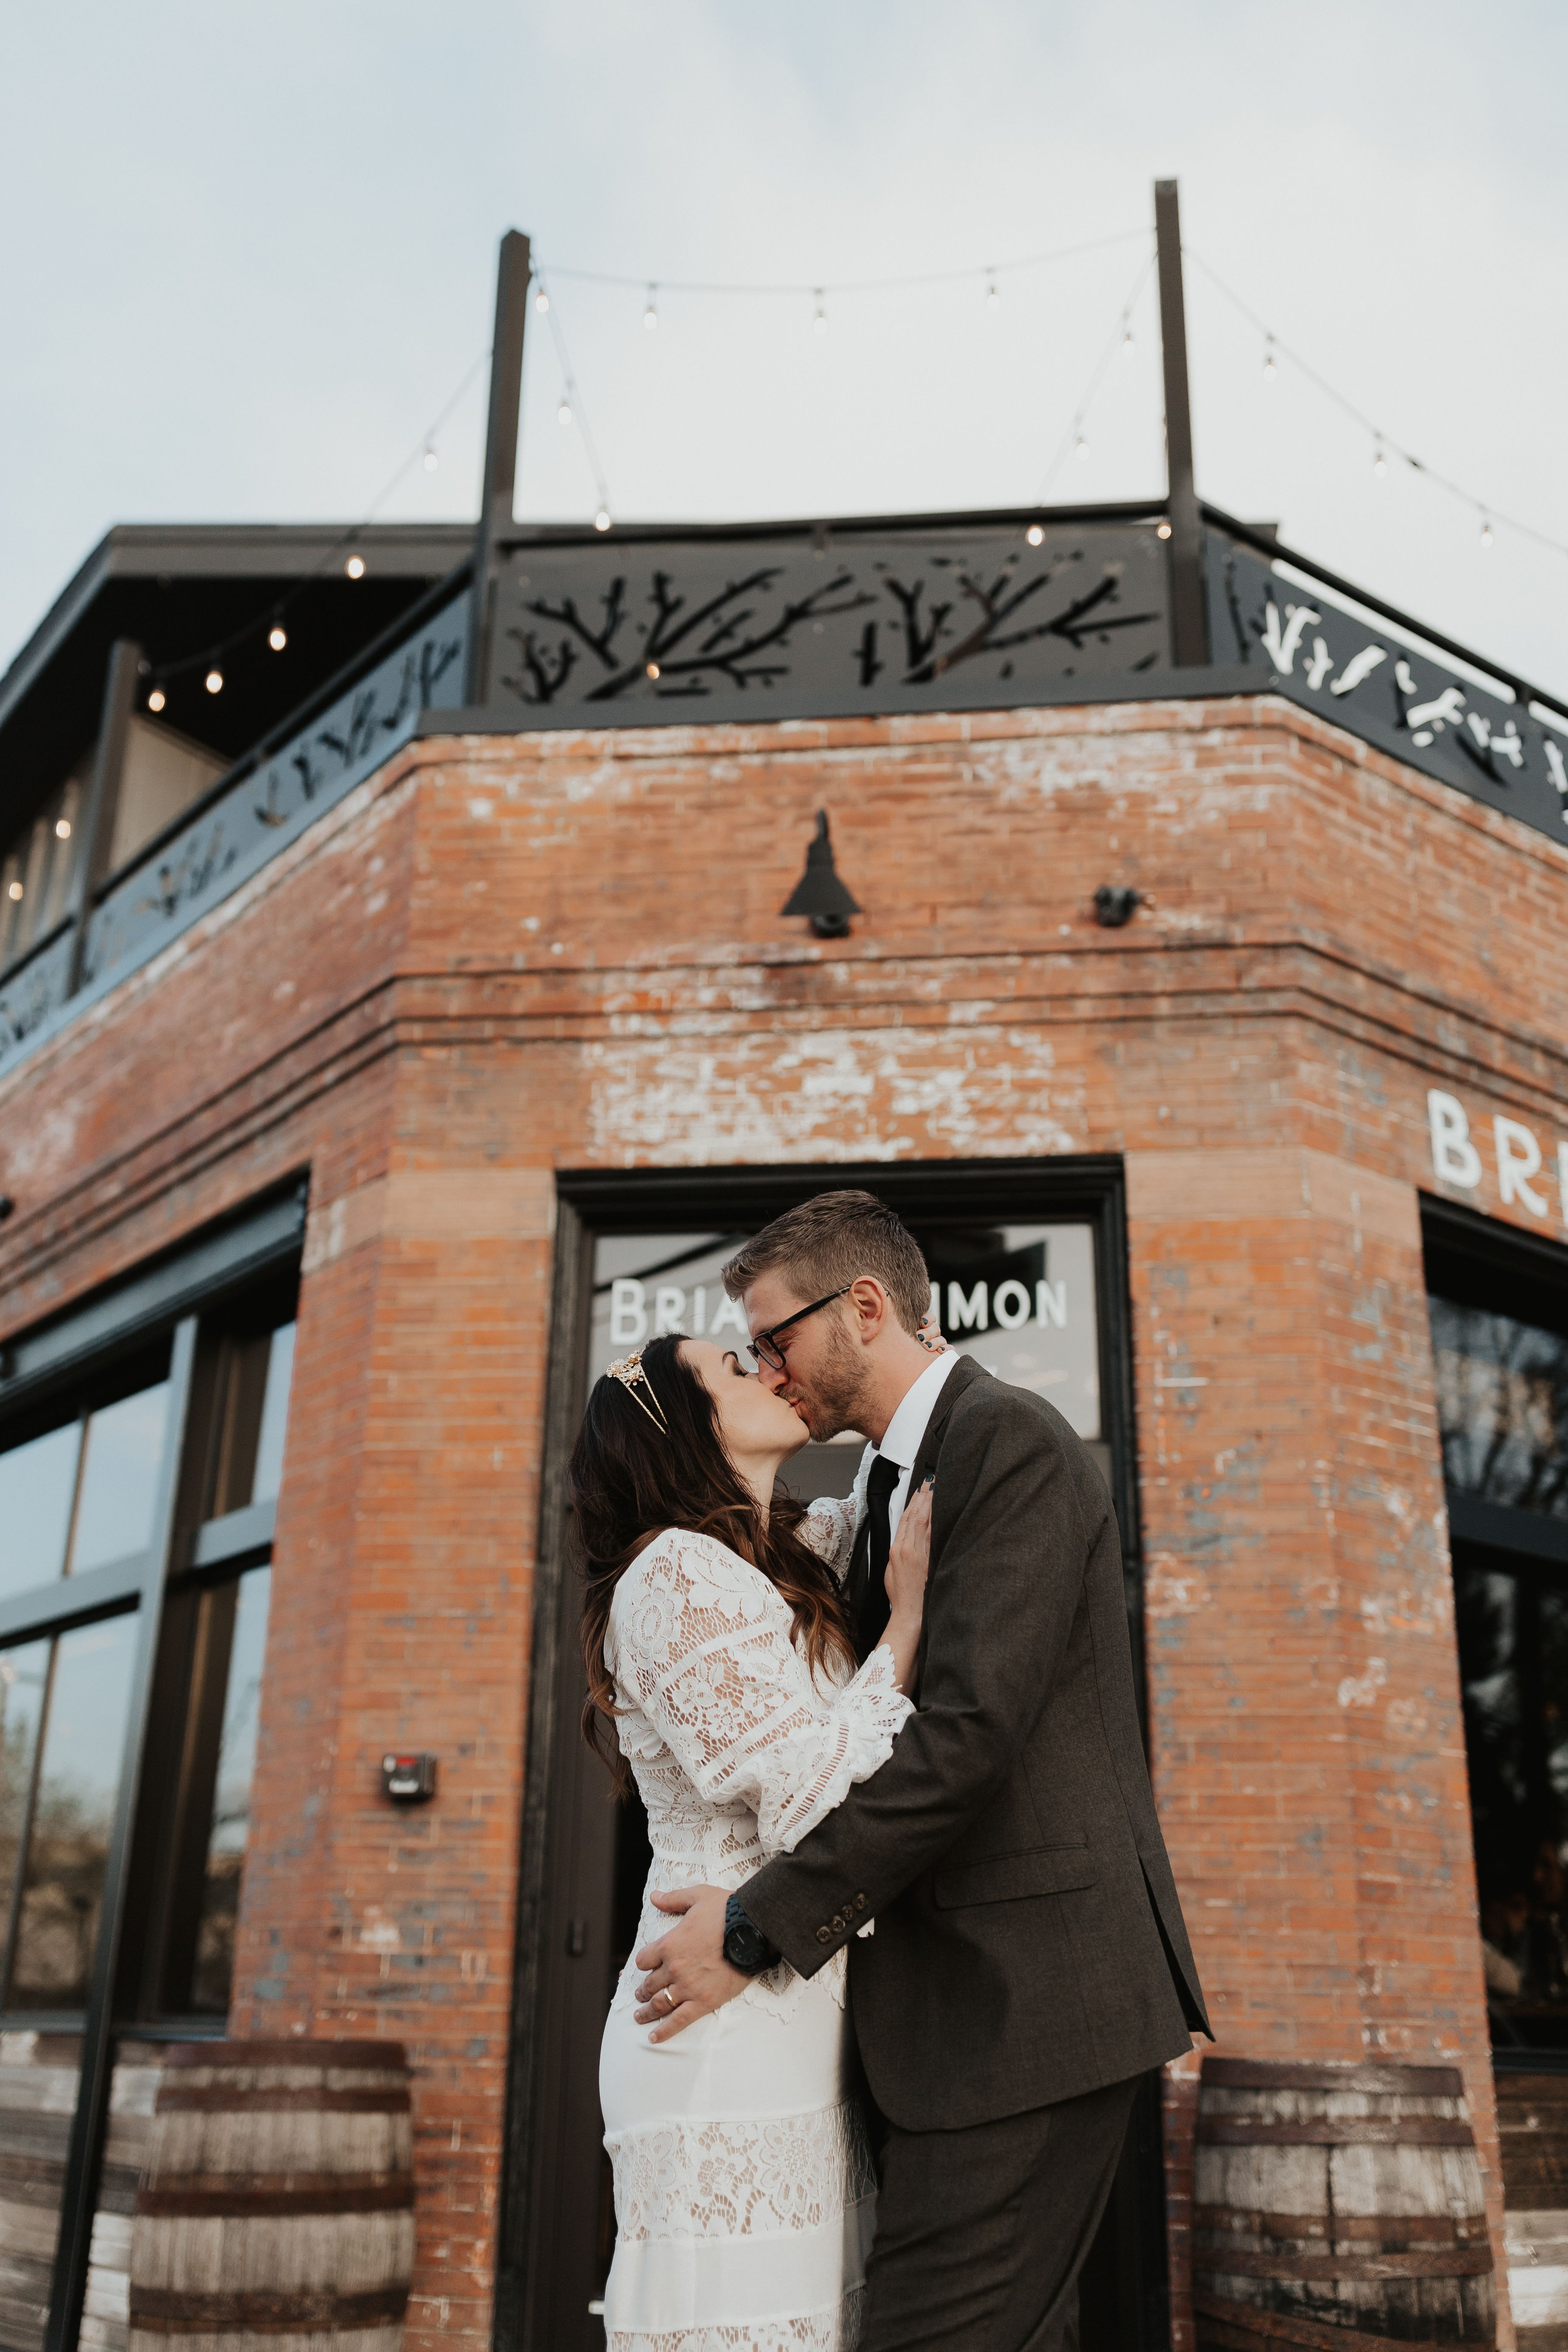 Denver Wedding At Briar Common Brewery Colorado Wedding Photographer Denver Wedding Photography Colorado Wedding